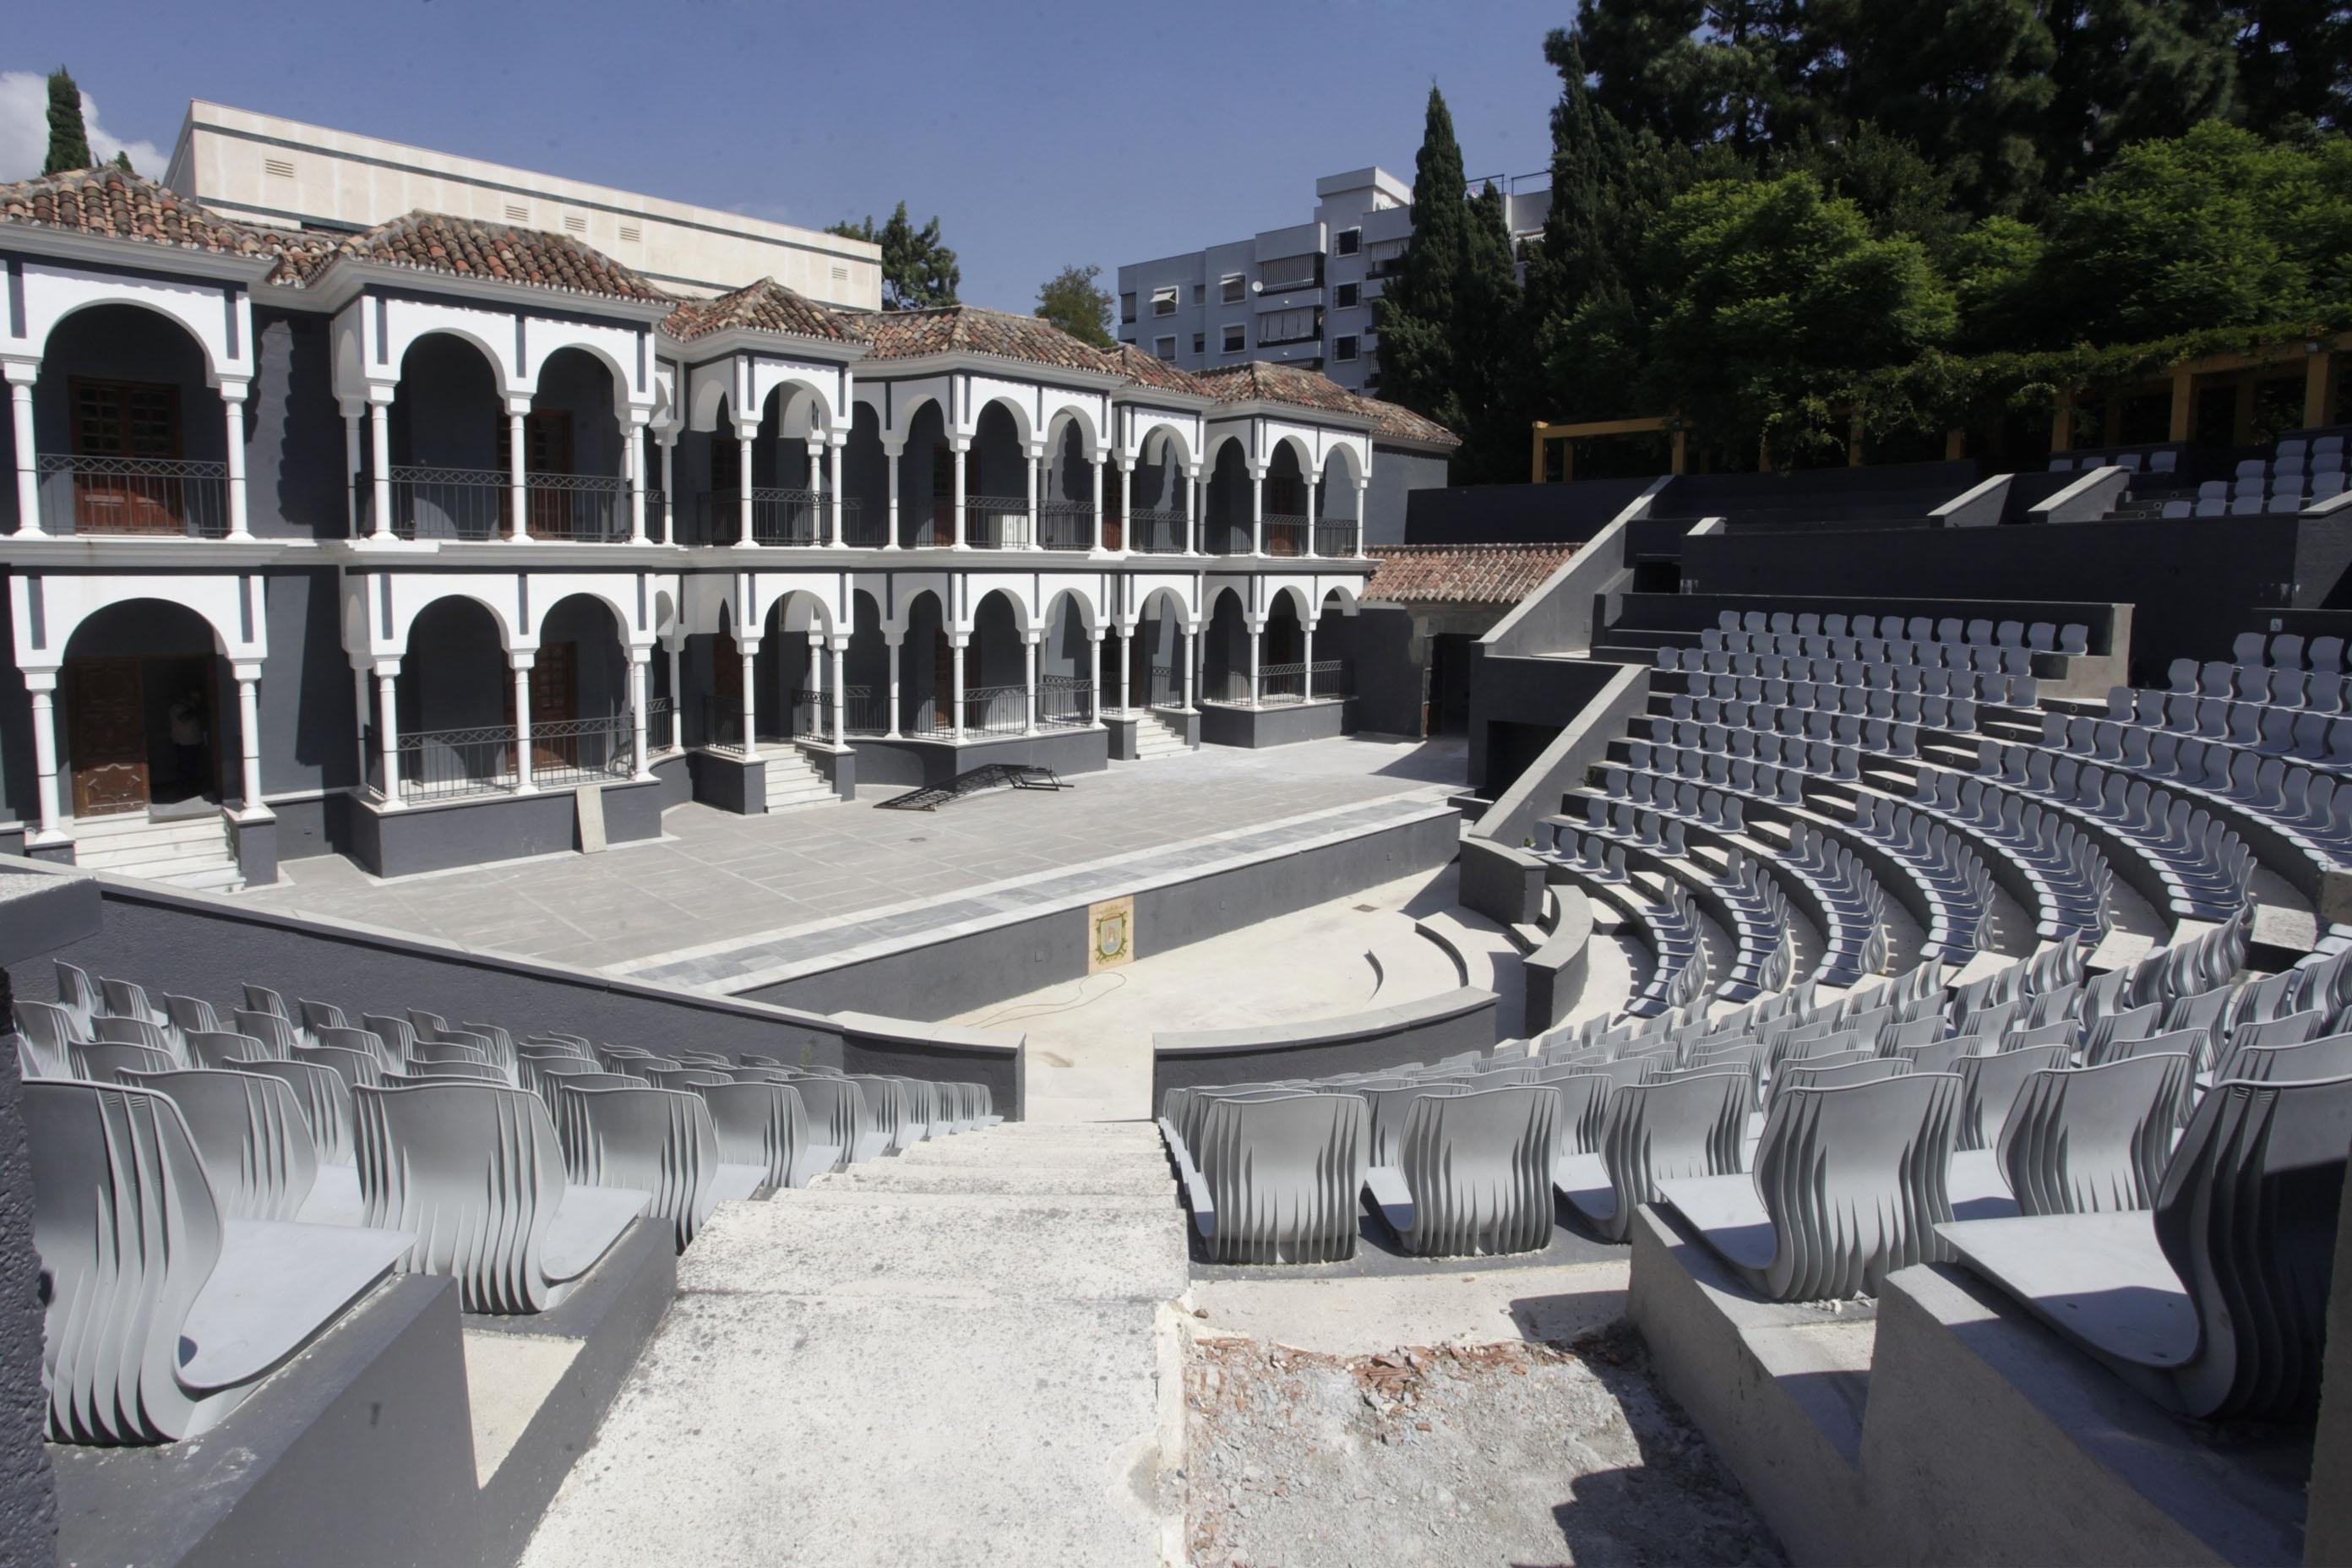 El Ayuntamiento de Marbella acomete el acondicionamiento del Auditorium municipal del Parque de la Constitución